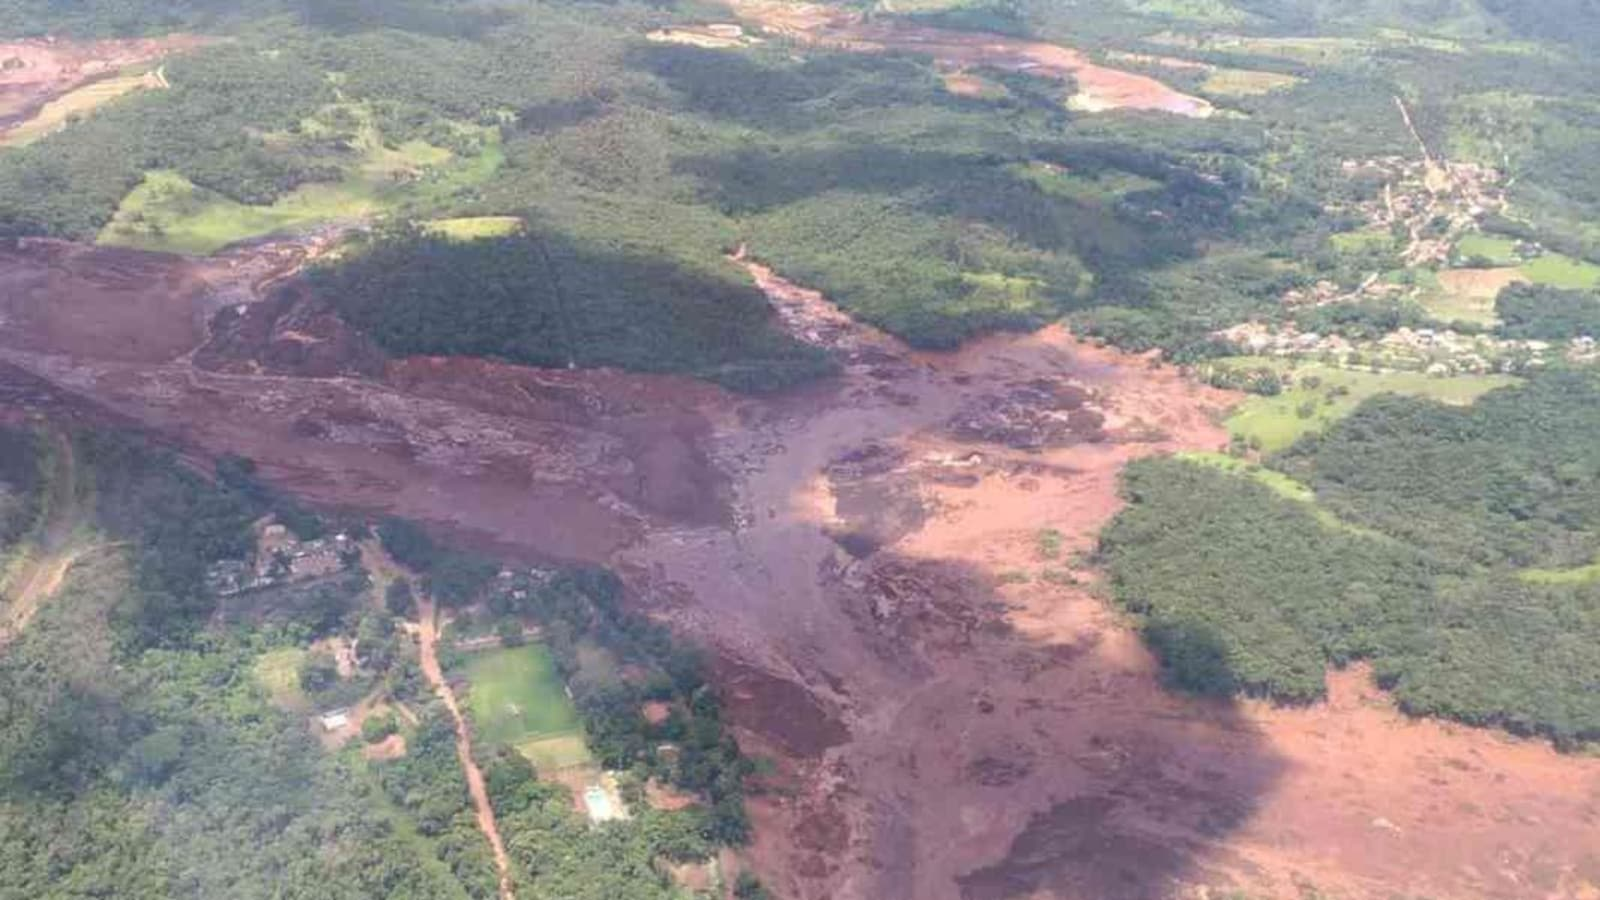 Le barrage rompu avait été inspecté il y a quinze jours — Brésil